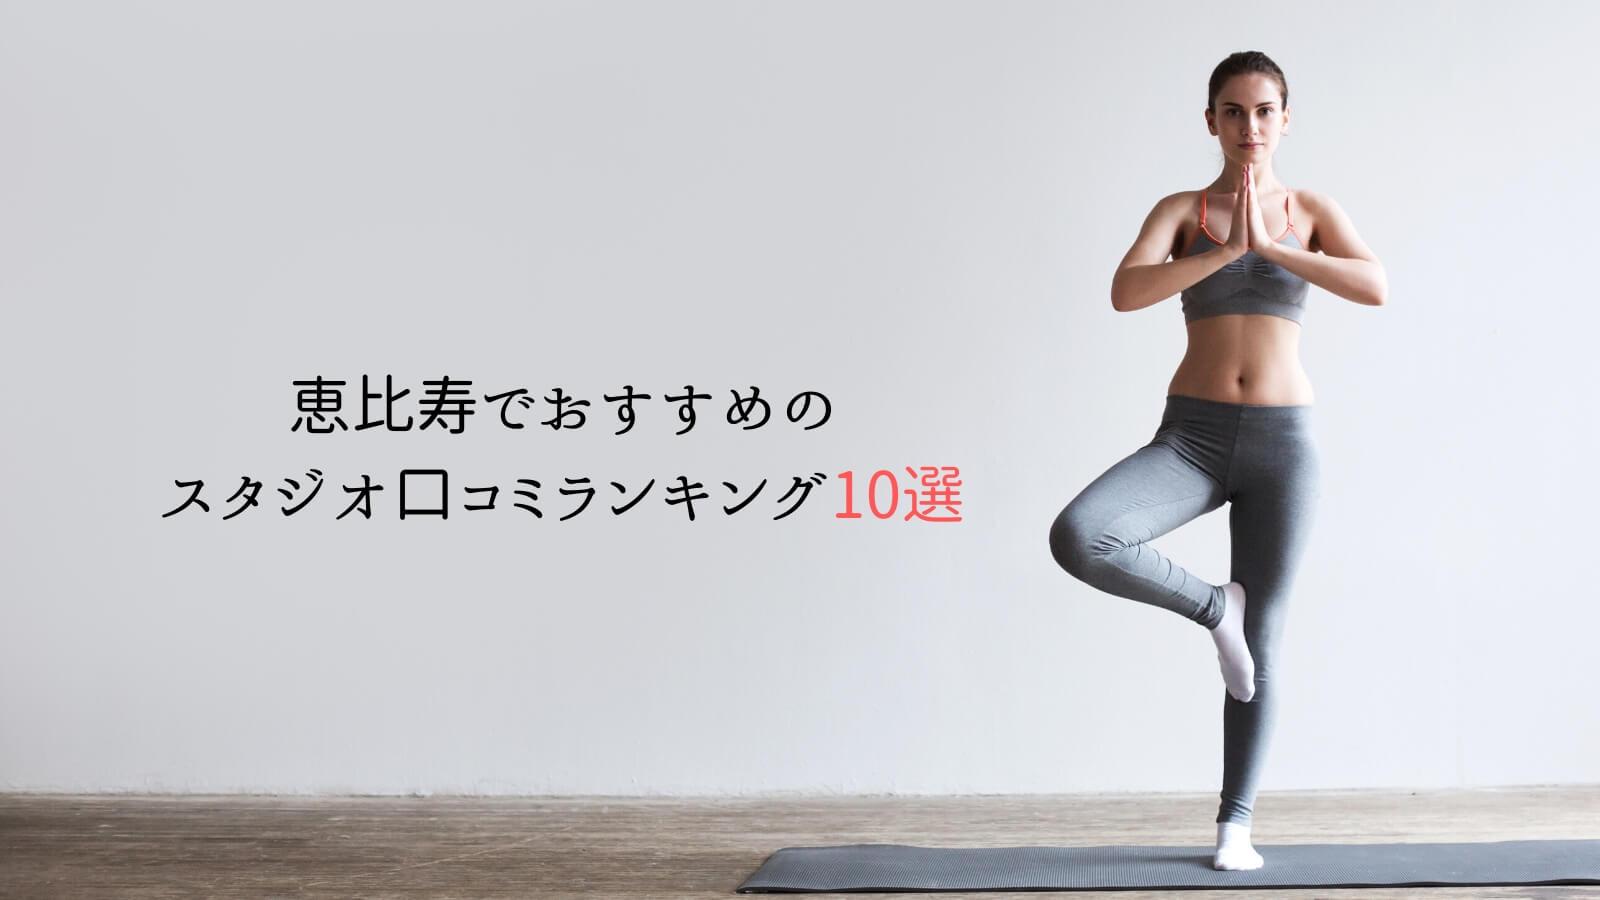 恵比寿でおすすめのヨガ・ホットヨガスタジオ口コミランキング10選